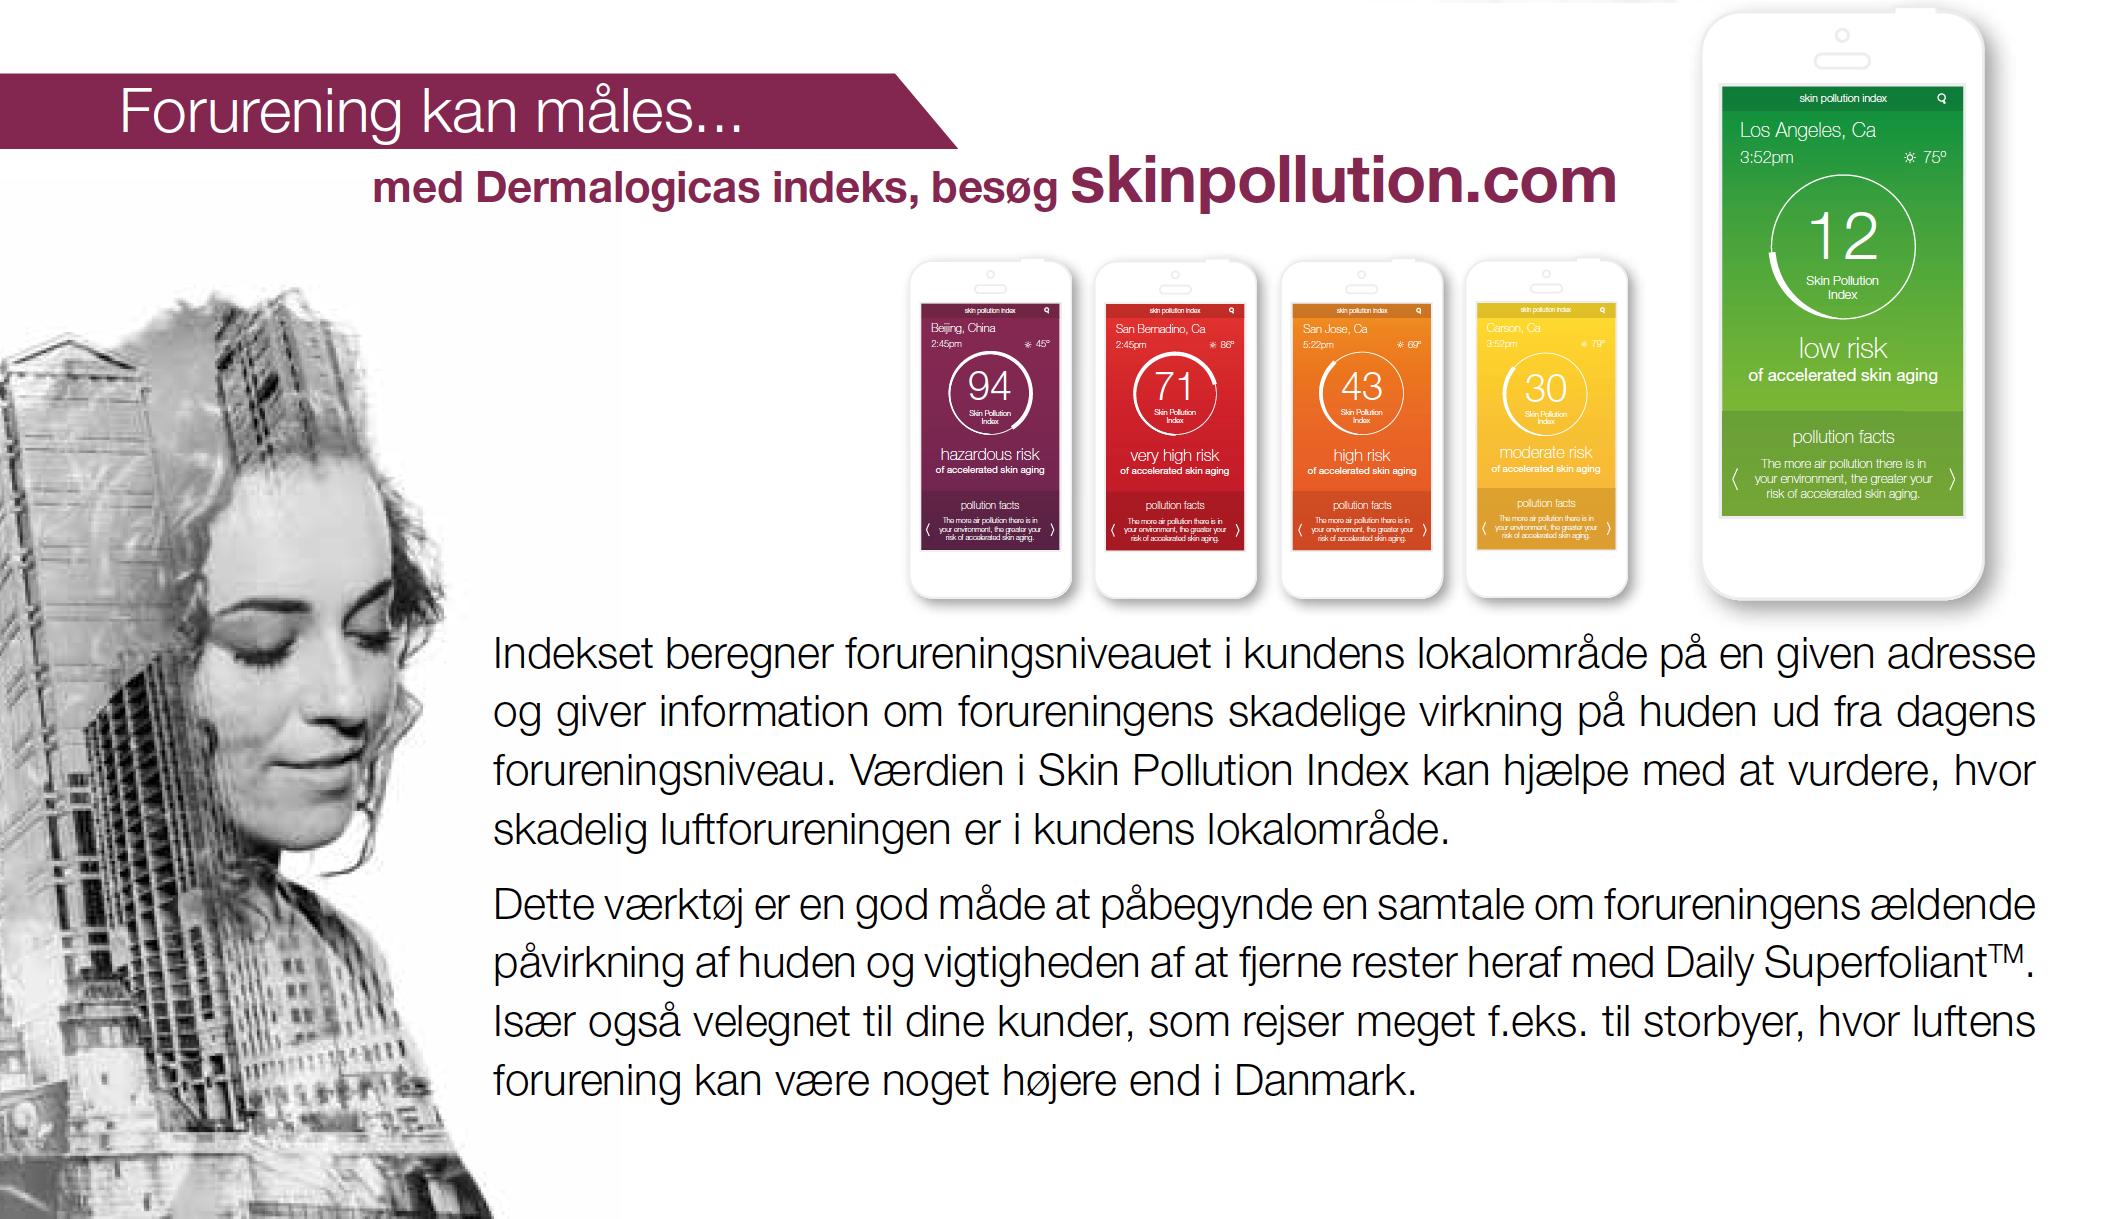 Måling af forurening i luften omkring dig - Dermalogica Skinpollution.com Lykke & velvære i Helsingør Nordsjælland